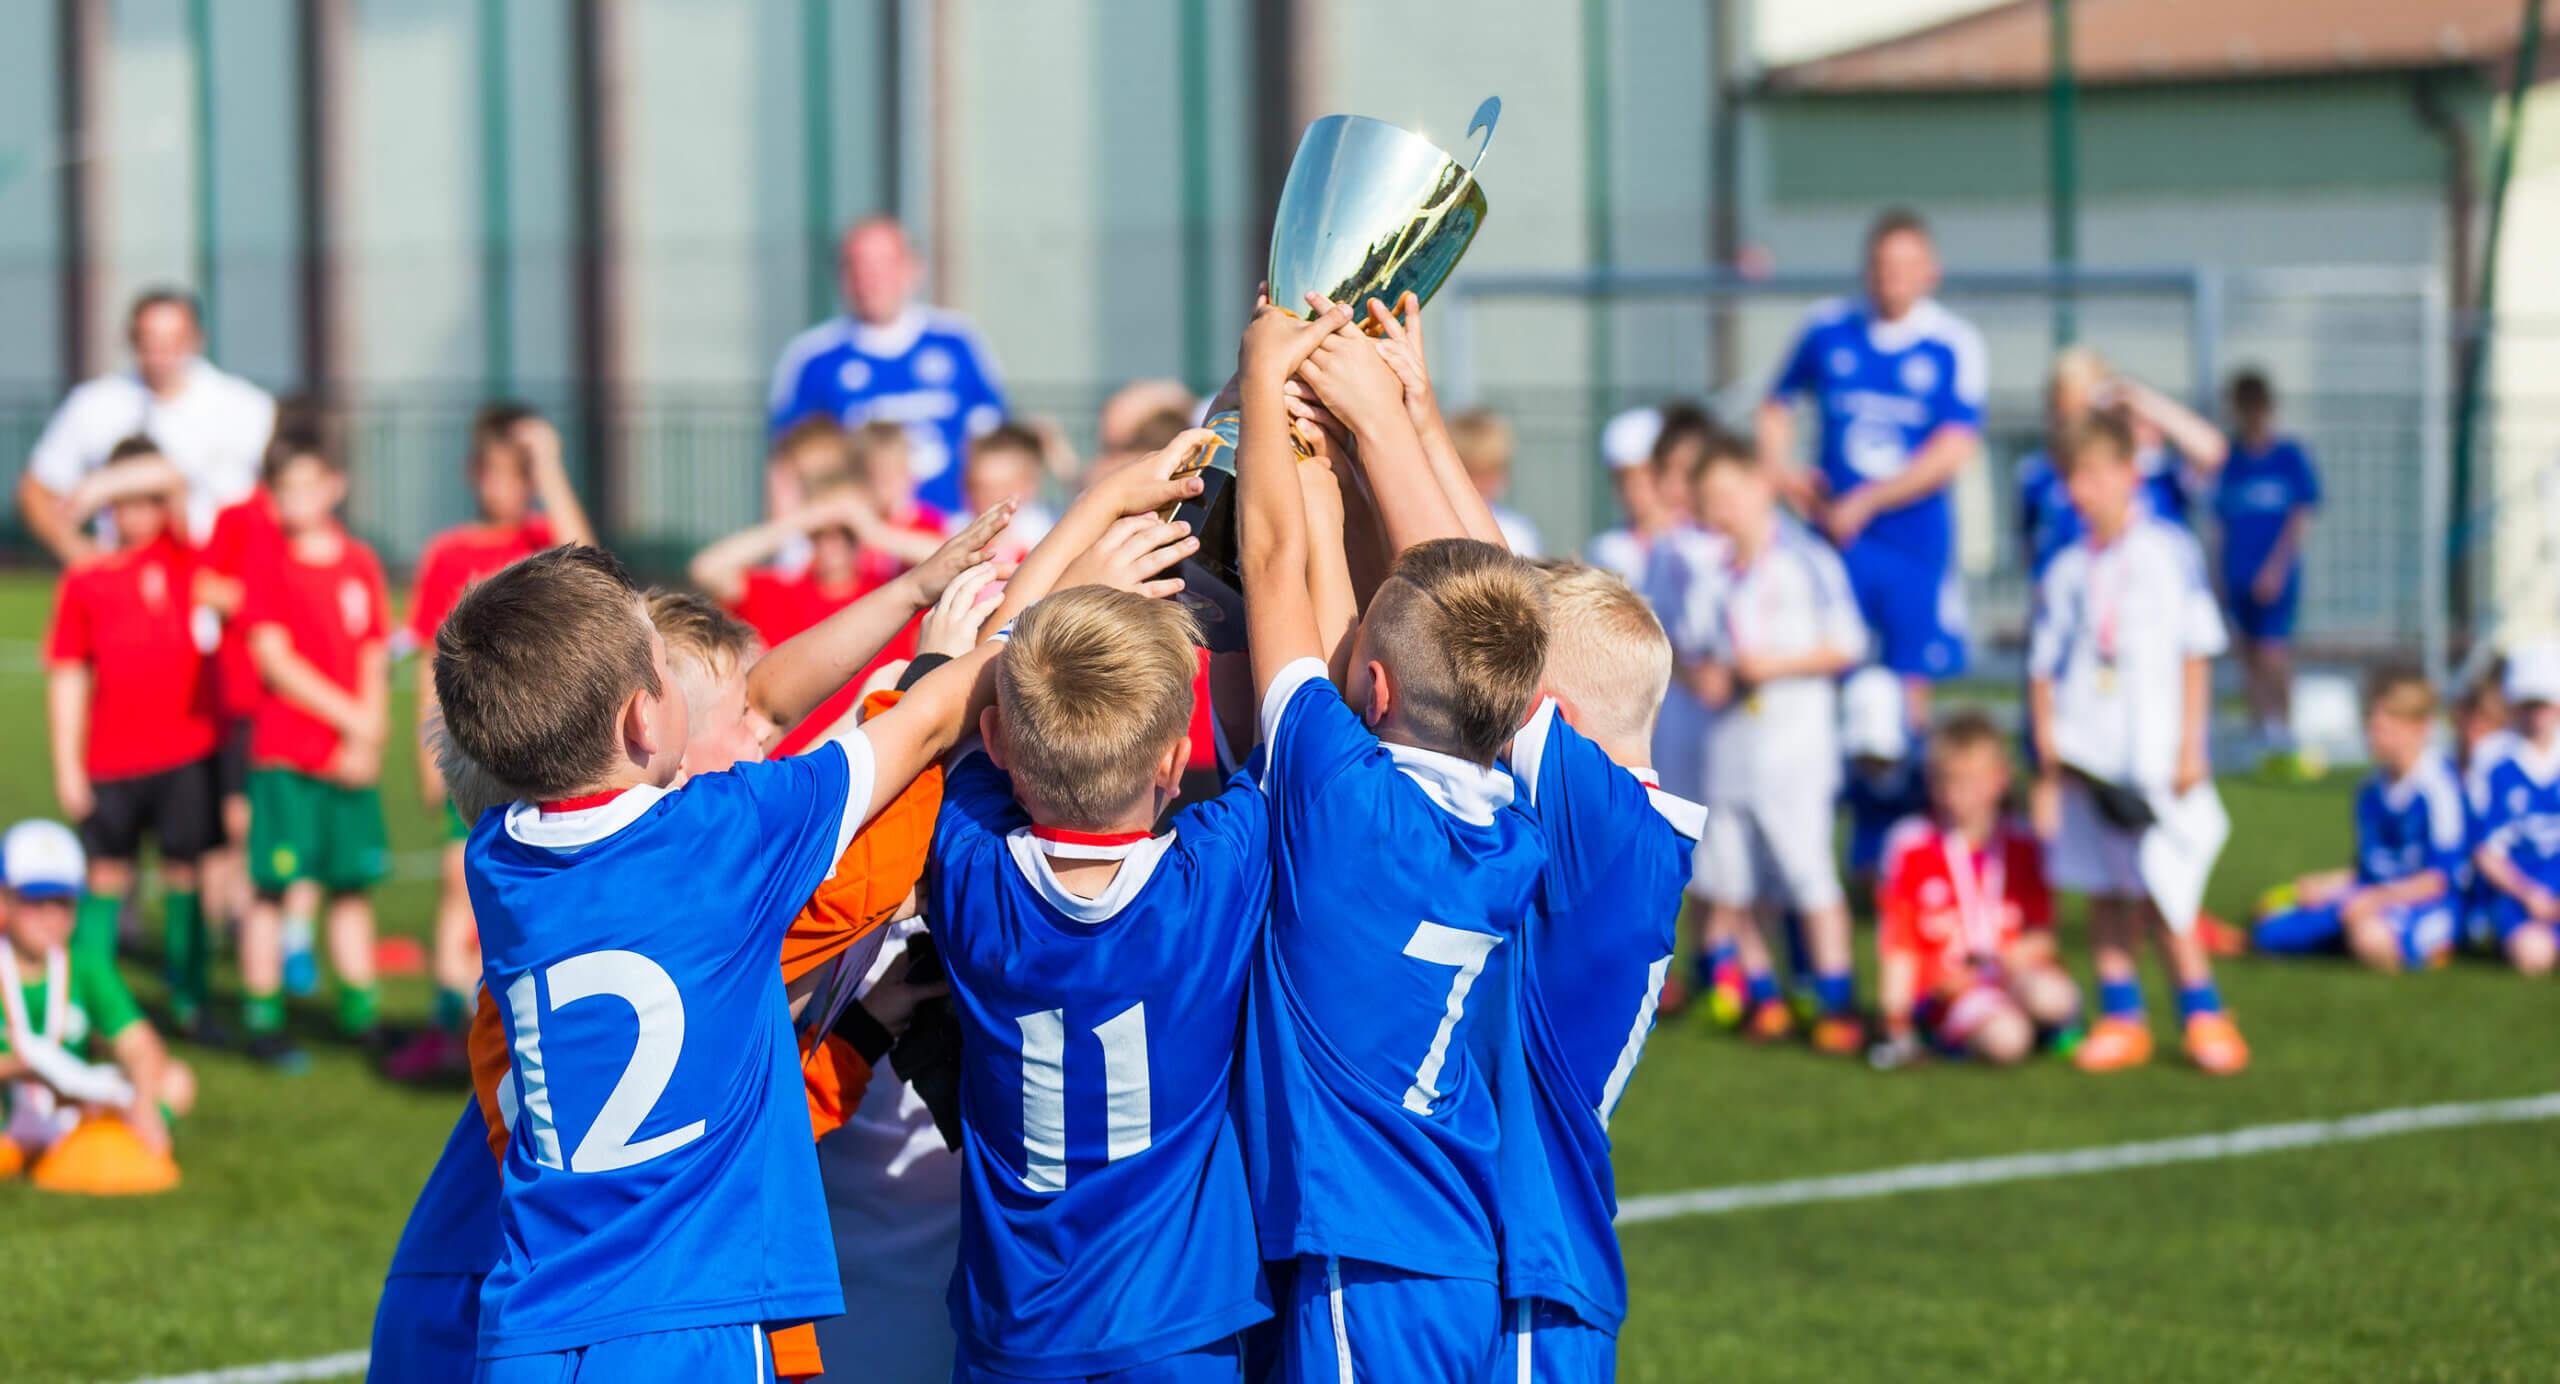 Equipo de fútbol levantando el trofeo tras ganar con deportividad.